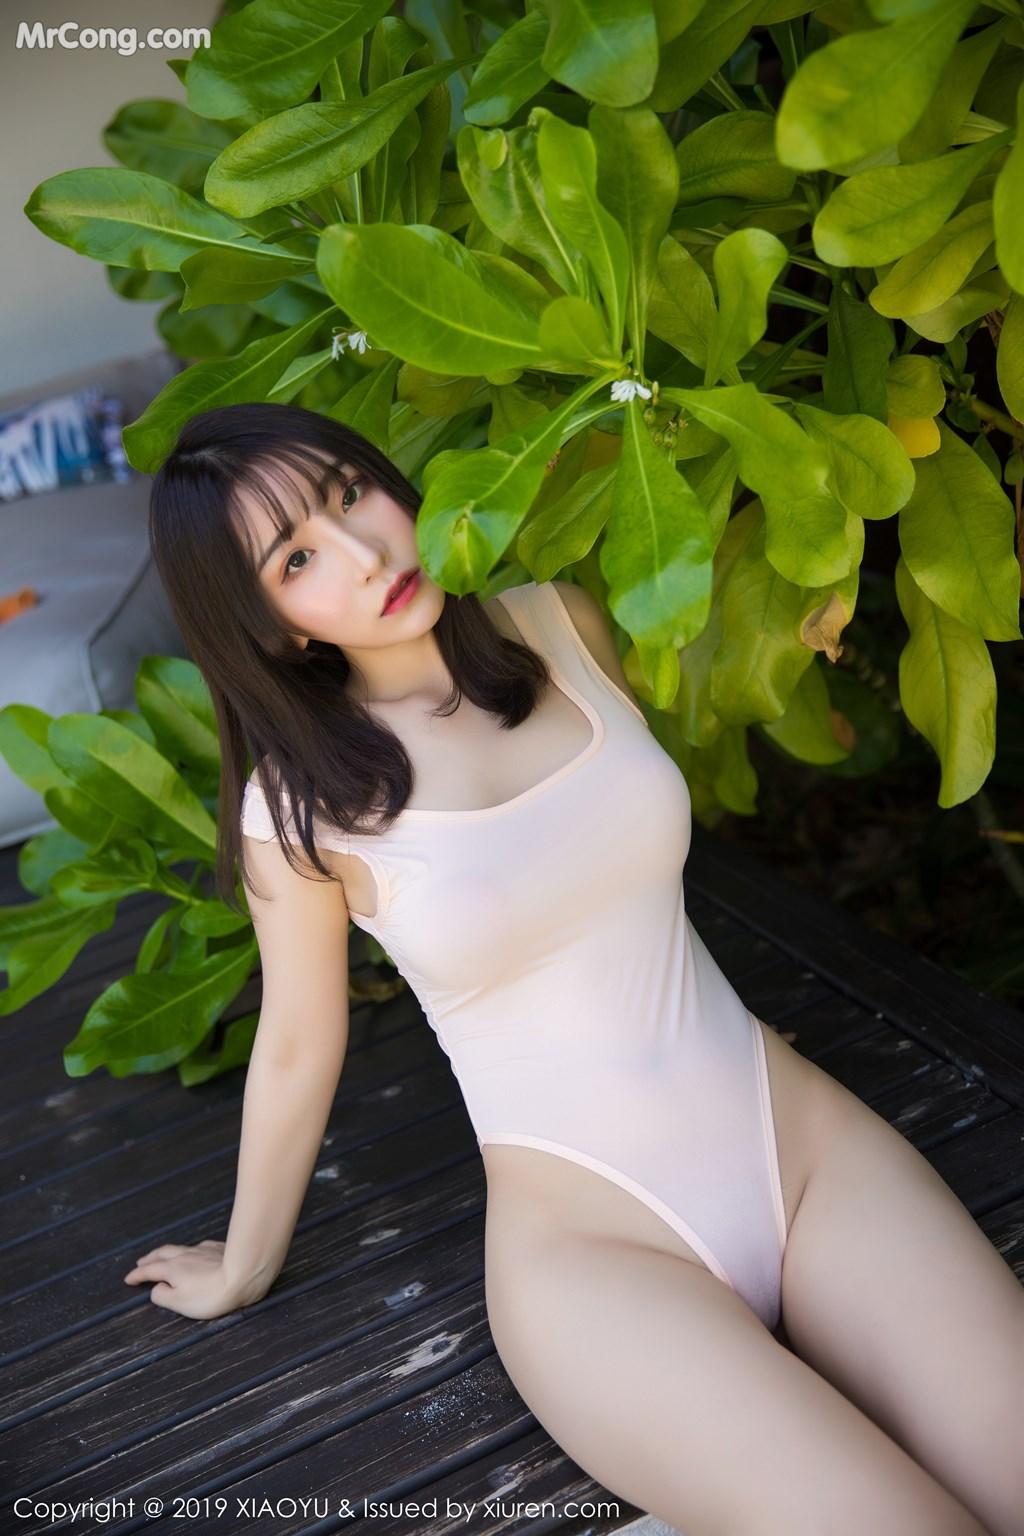 Image XiaoYu-Vol.155-Cherry-MrCong.com-015 in post XiaoYu Vol.155: 绯月樱-Cherry (67 ảnh)